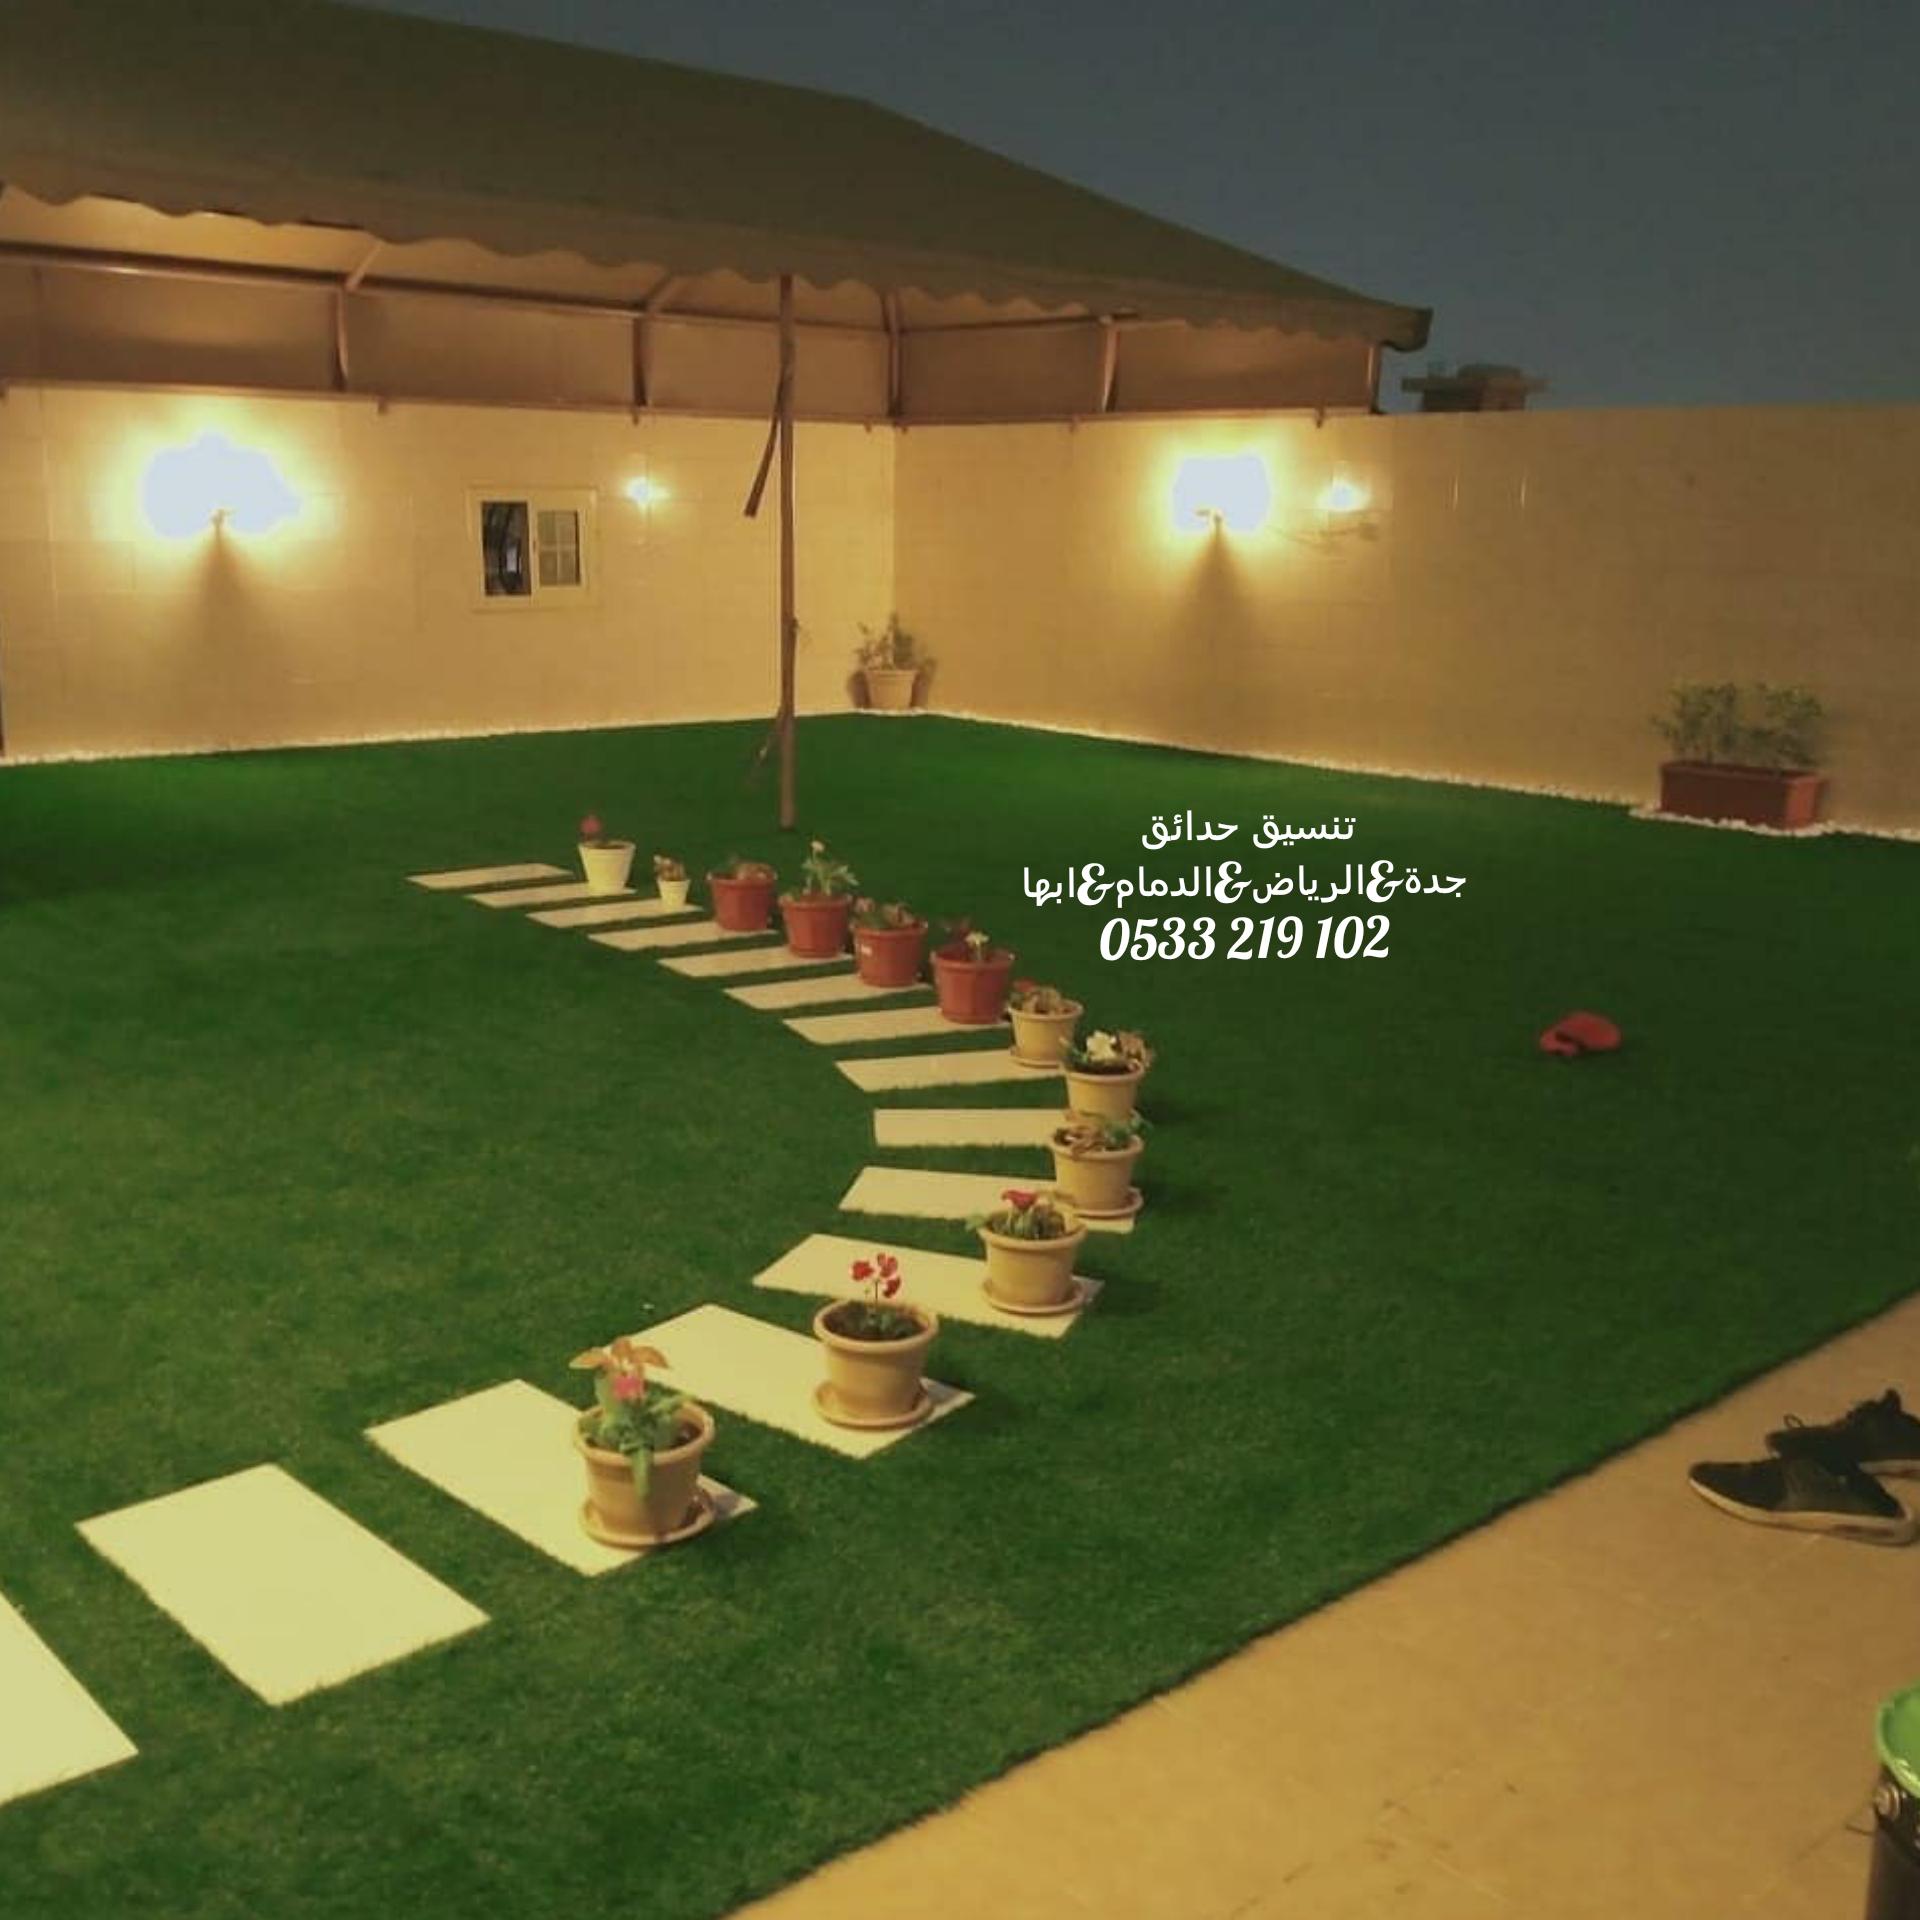 تركيب مظلات سواتر برجولات تنسيق حدائق السعودية حدائق الرياض عشب صناعى